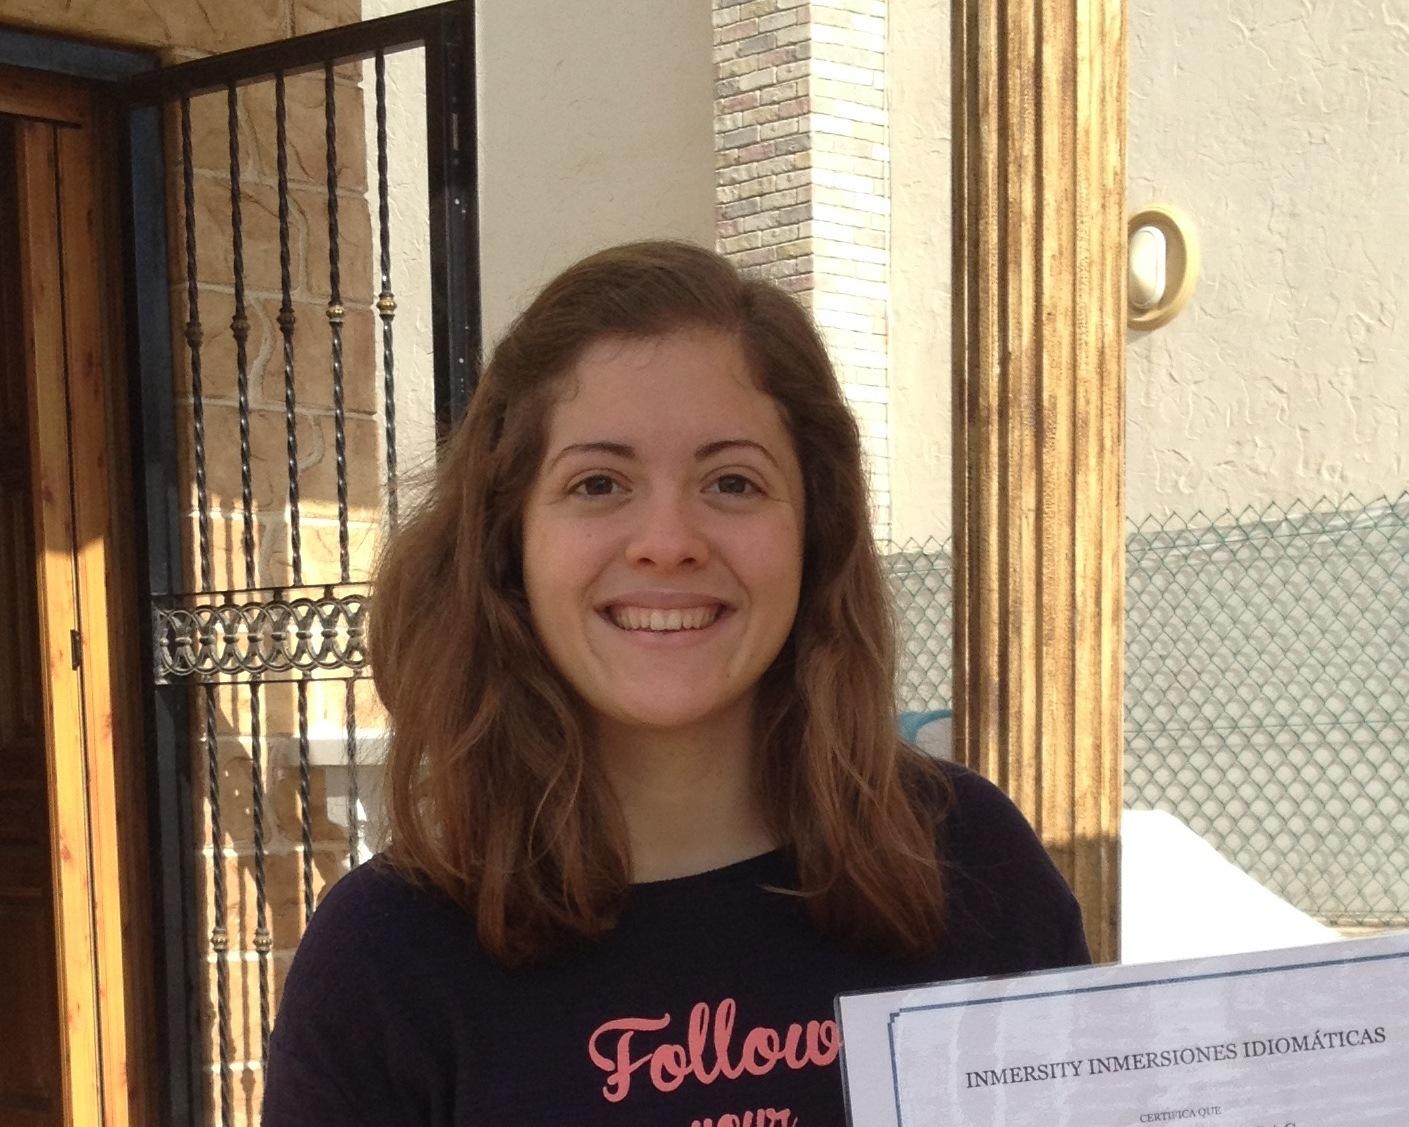 Cursos de inmersión en inglés - Cursos de inmersión lingüistica en inglés de Alba Vayá - Valencia